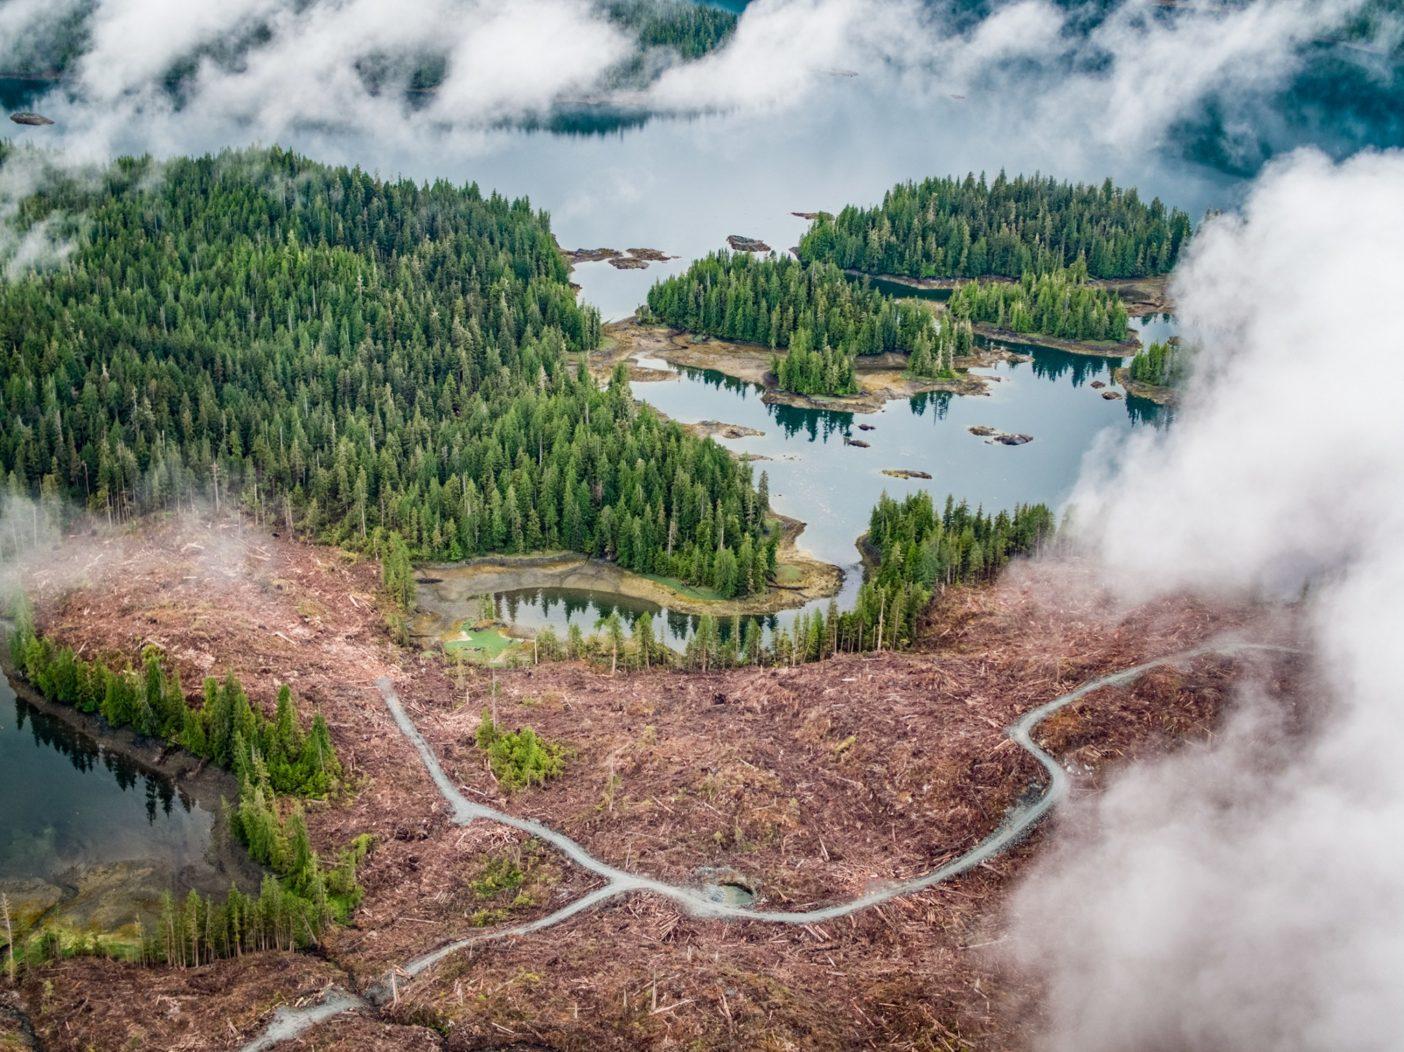 過去1世紀のあいだ、皆伐はトンガスの風景を変貌させてきた。地元の住民たちはいま、彼らに残された原生林を守るために闘っている。Photo:Colin Arisman